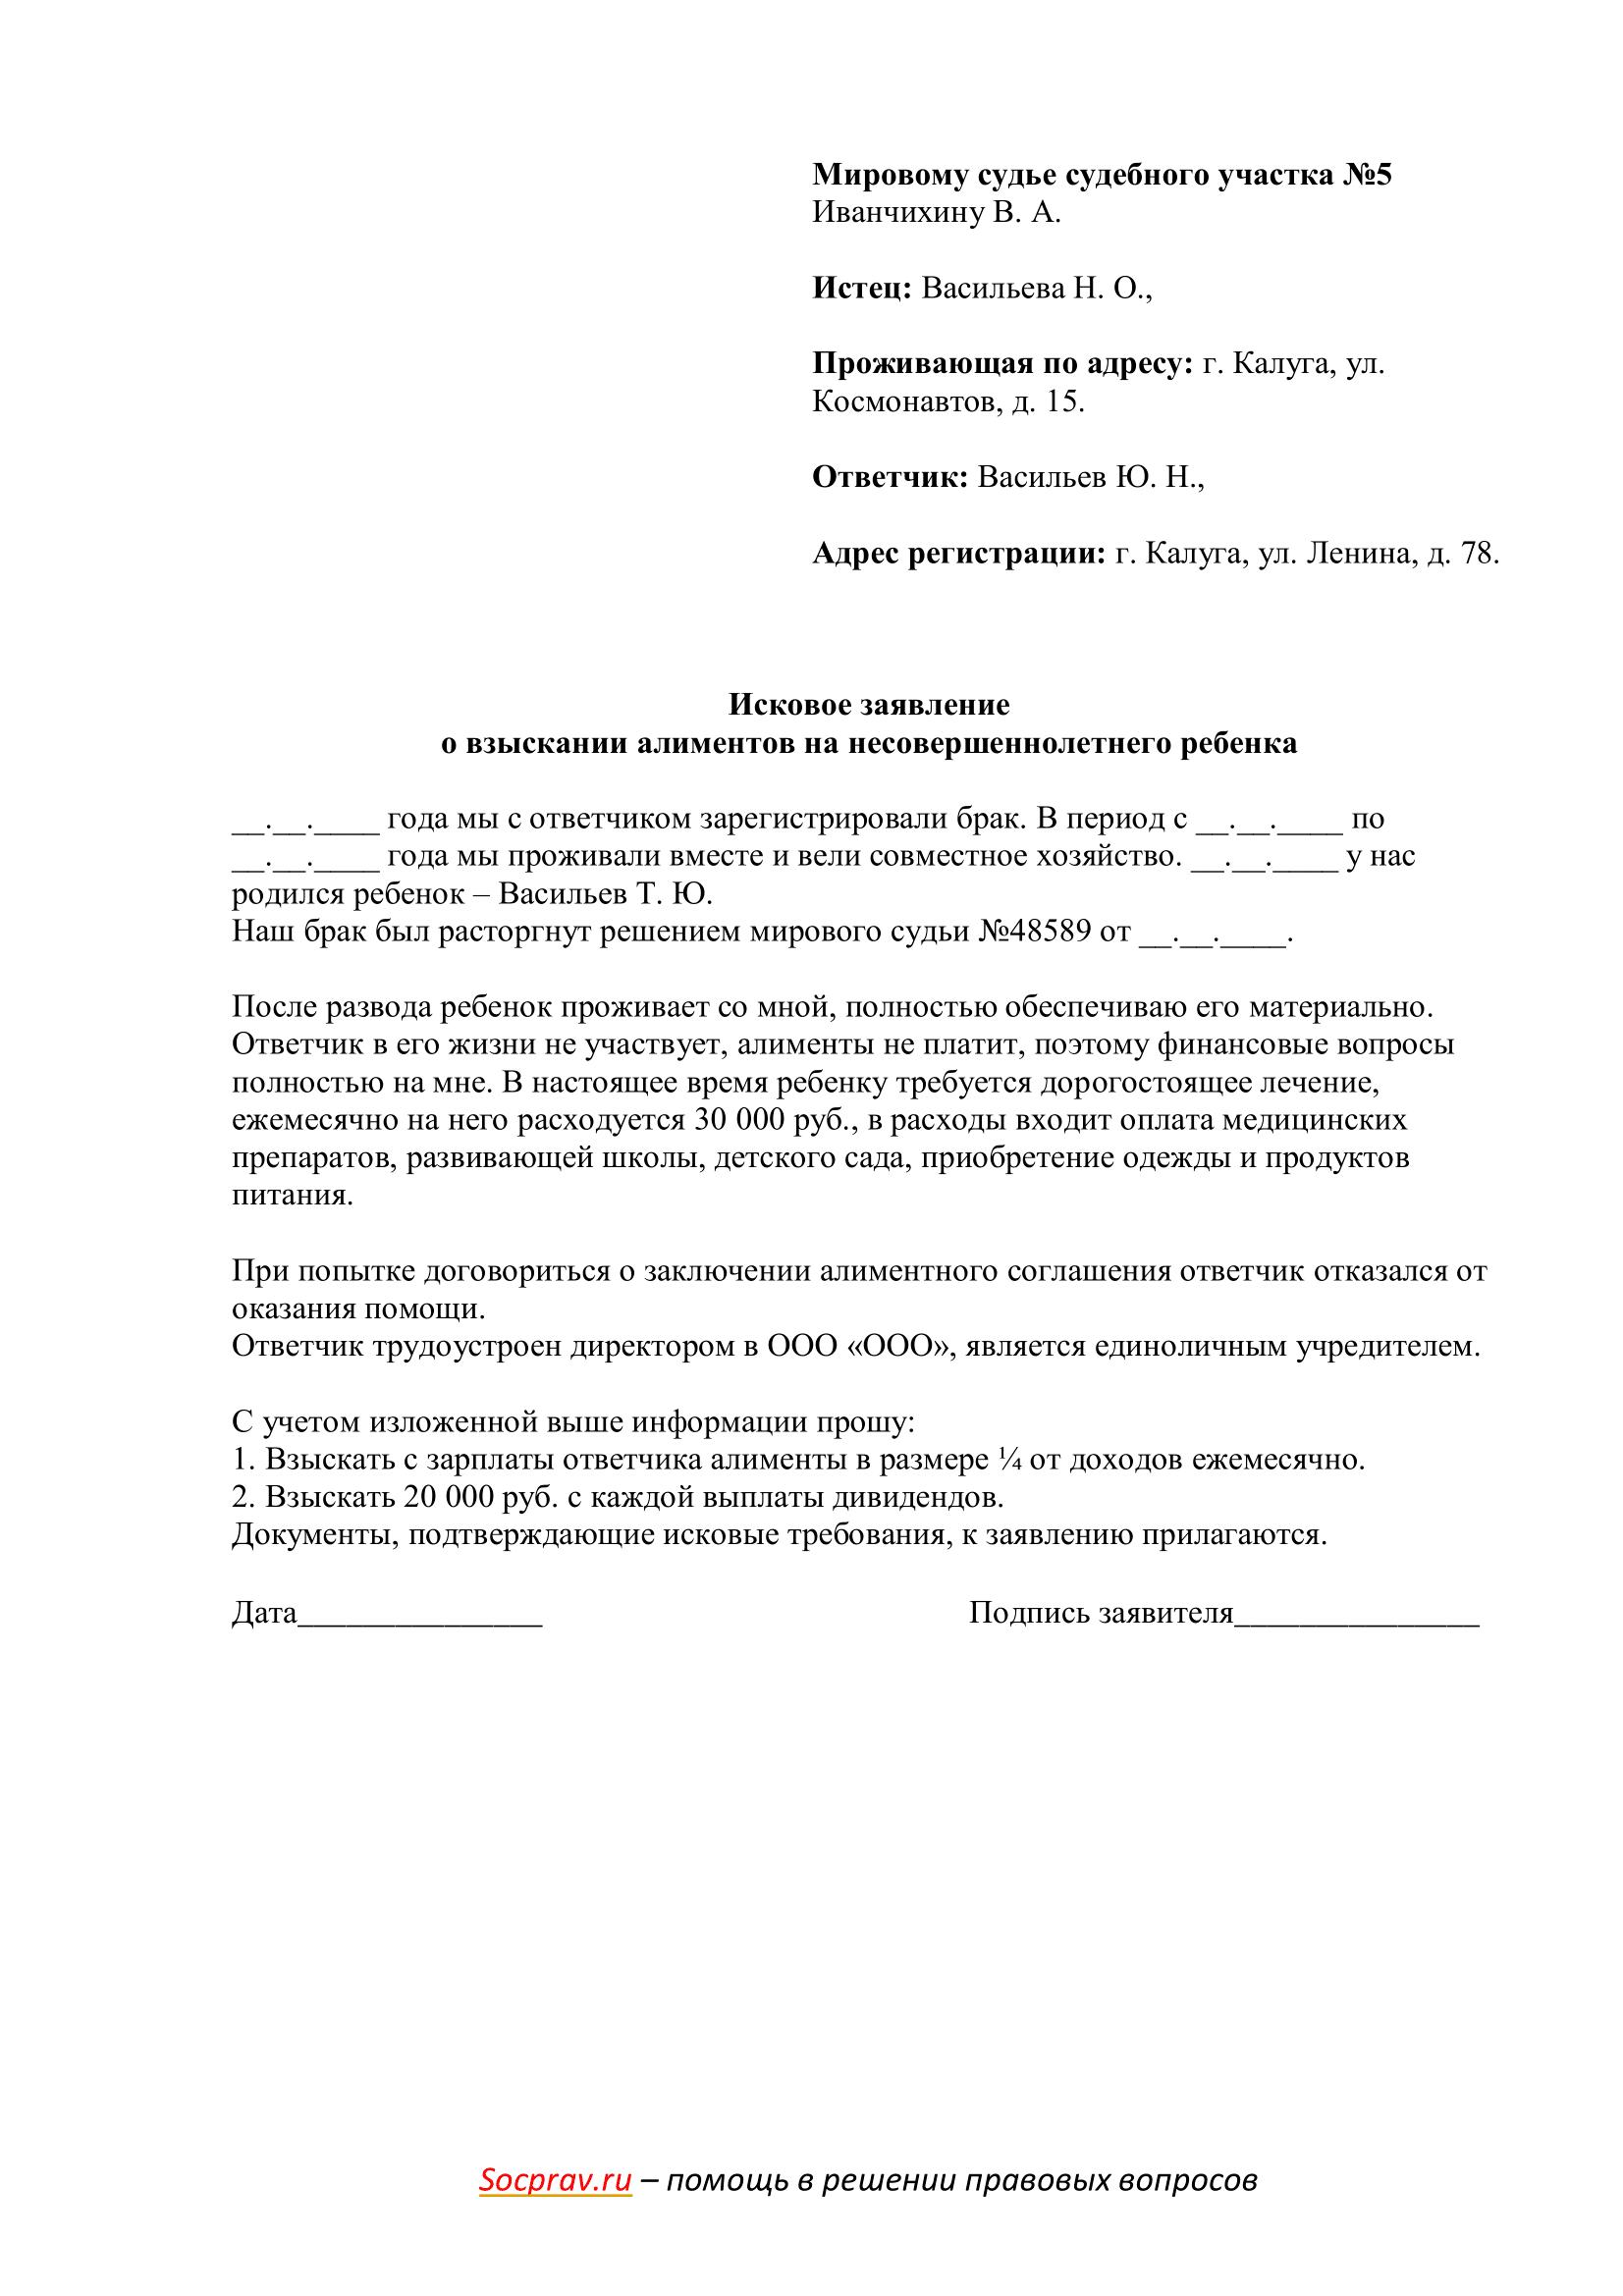 Исковое заявление о взыскании алиментов на несовершеннолетнего ребенка с учредителя ООО